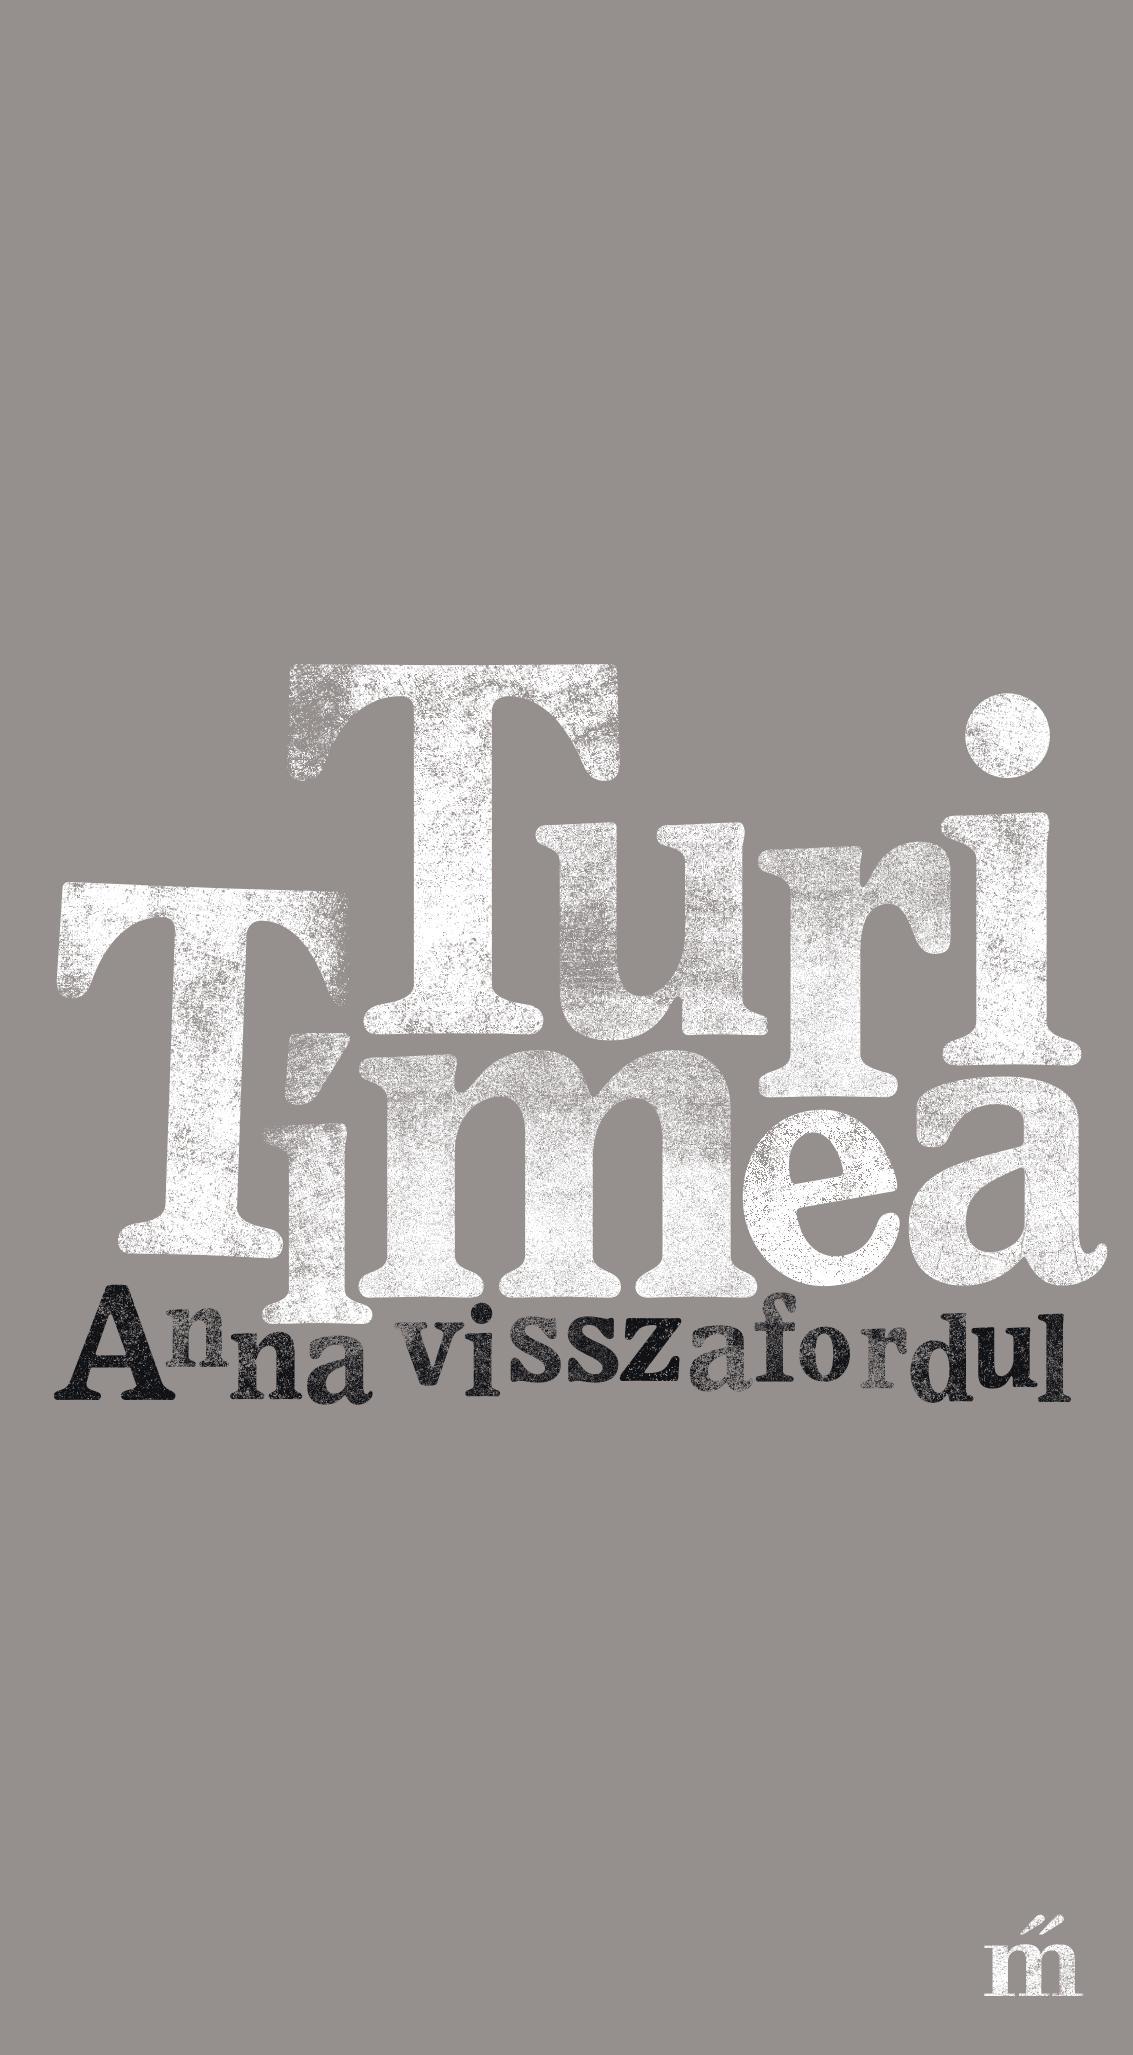 Turi Tímea: Anna visszafordul